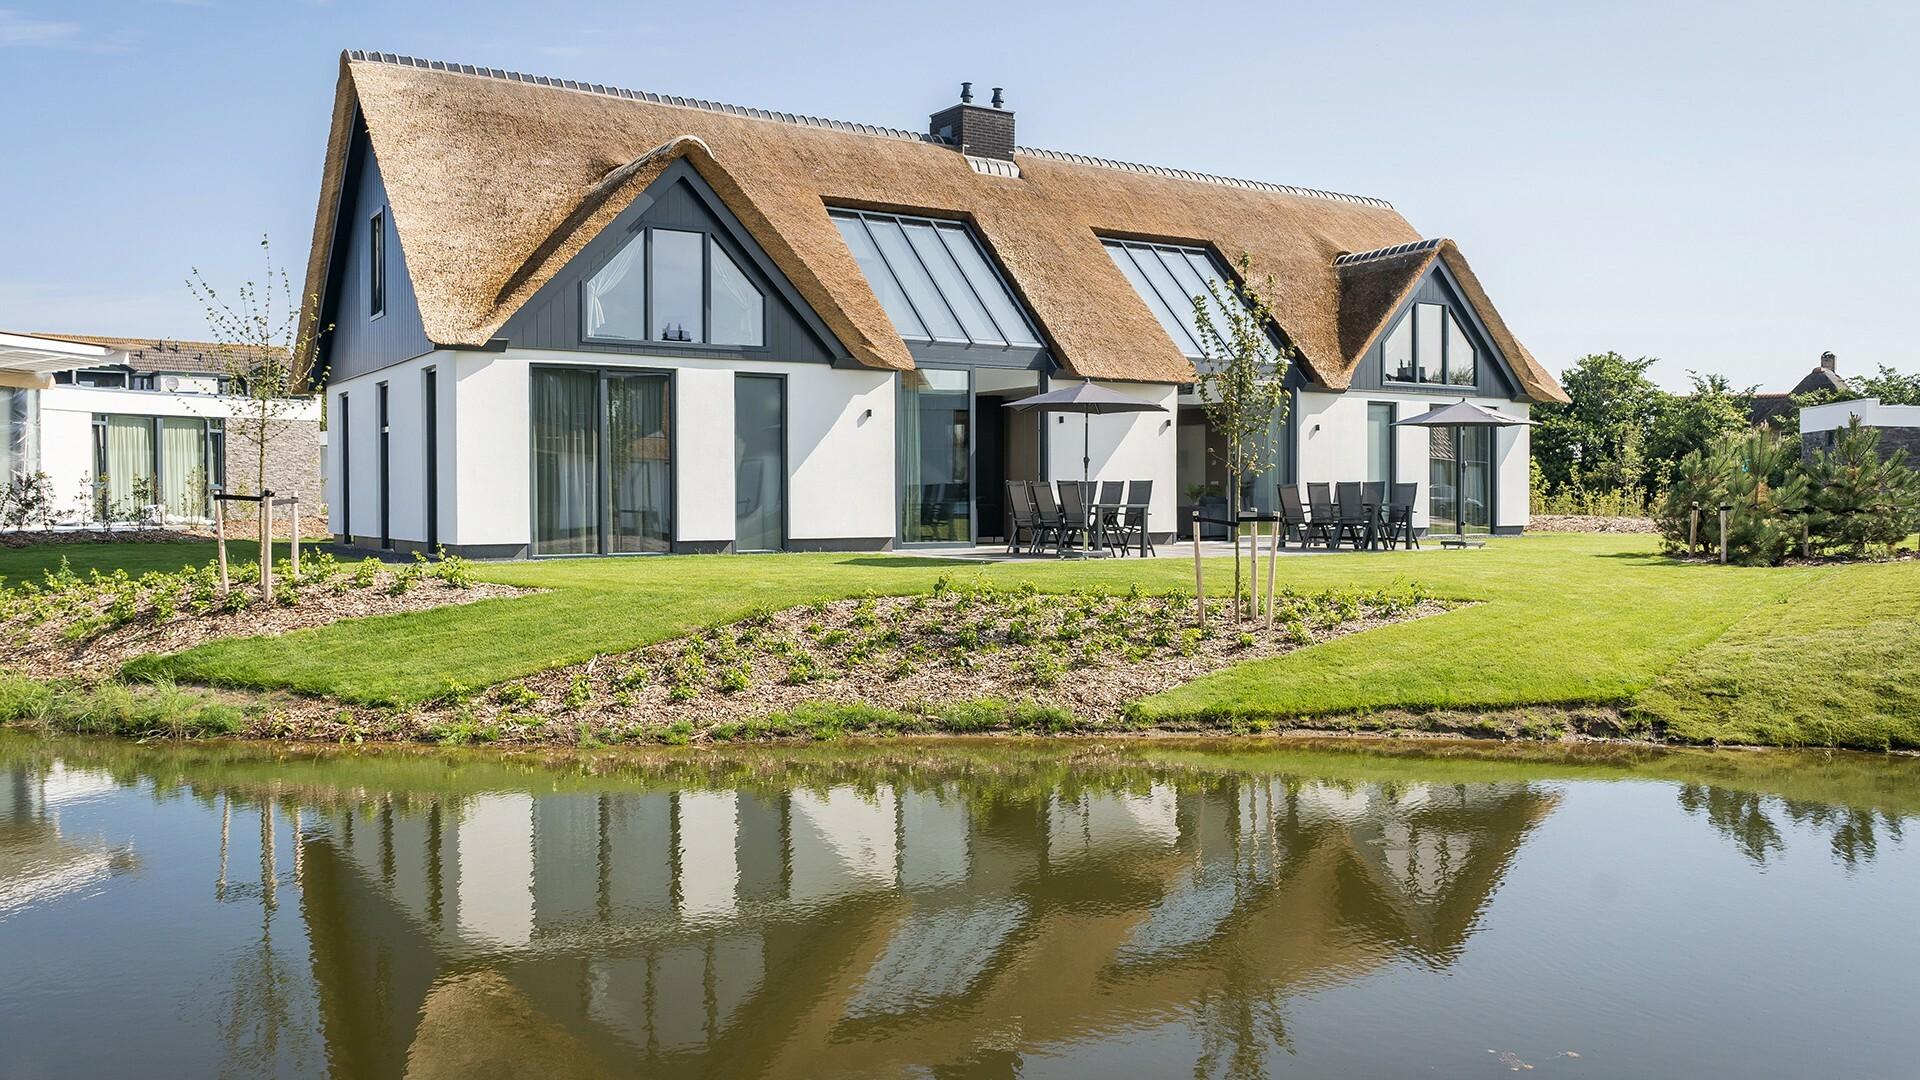 Luxe villa buitenzijde met terras Villapark De Koog VVV Texel